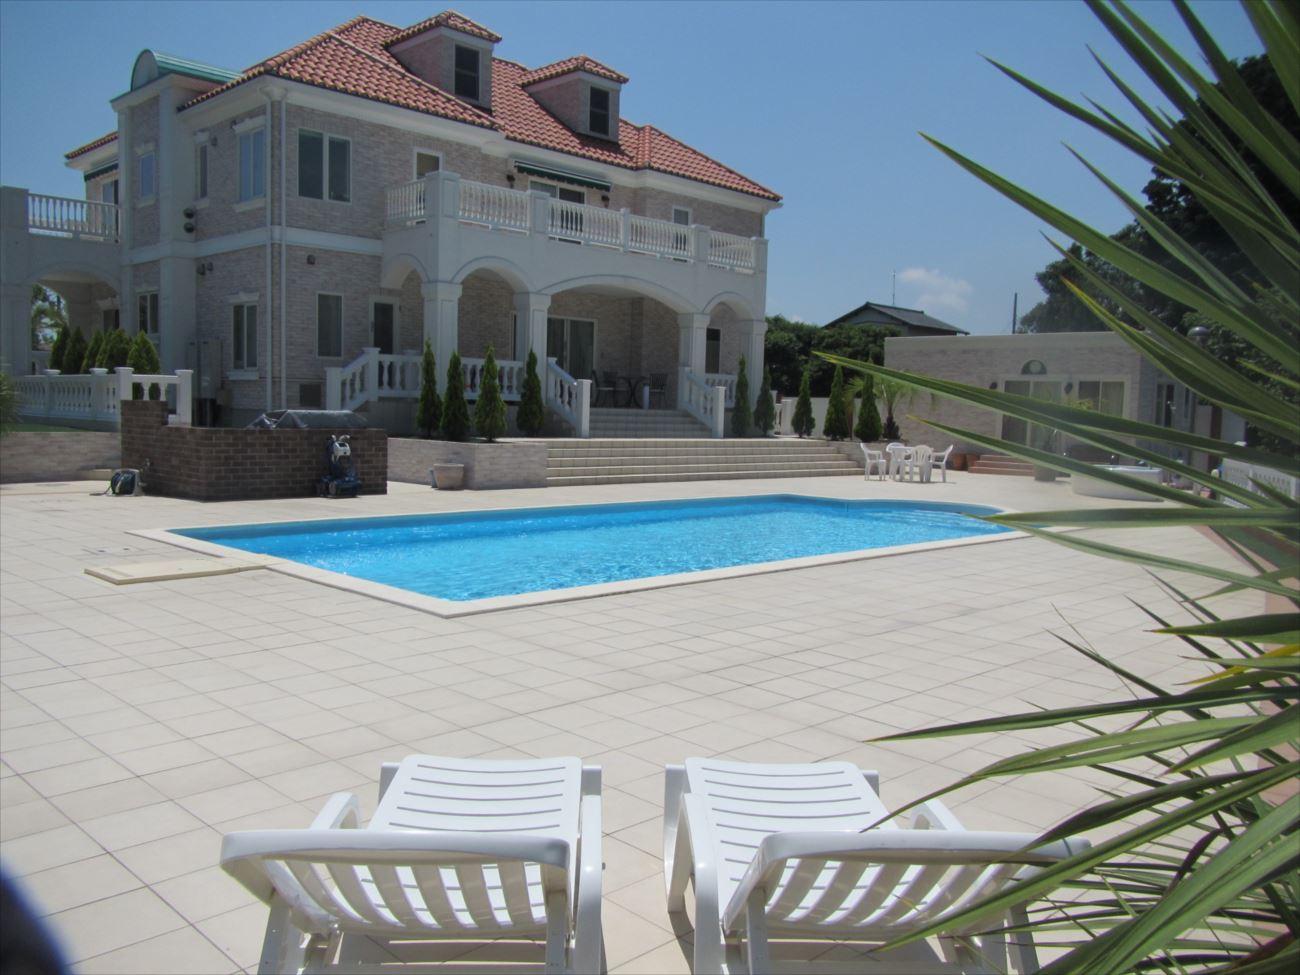 プール付きの家 イメージ画像9